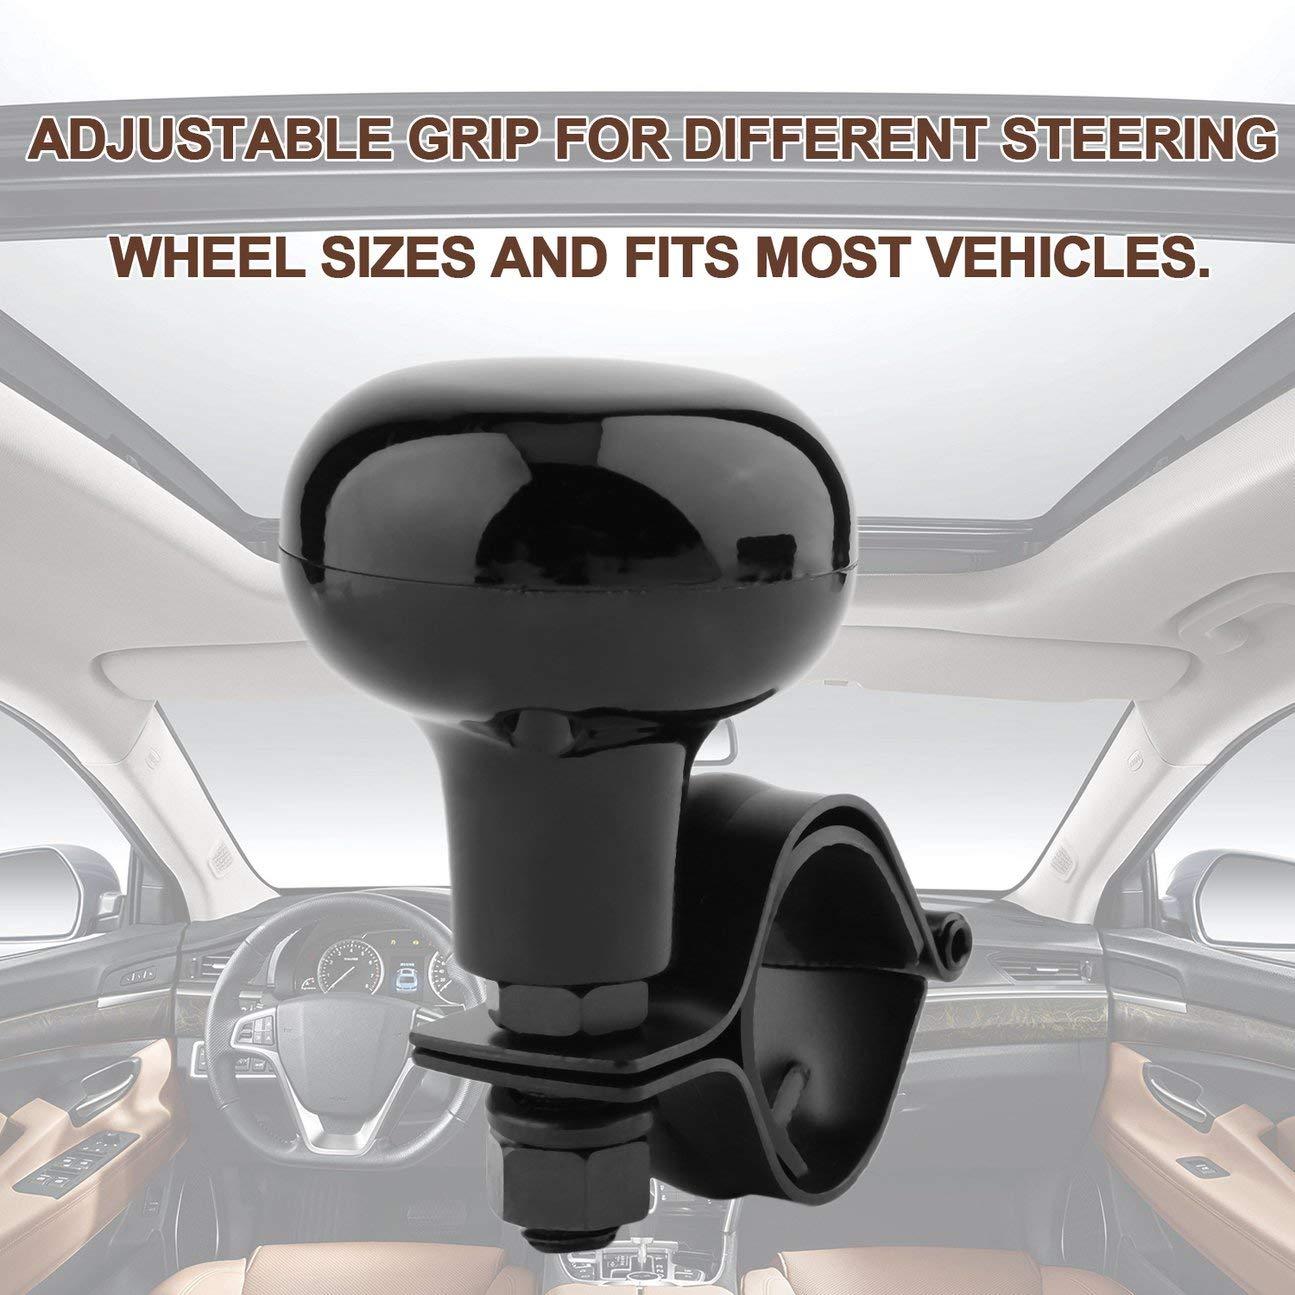 Volant de voiture Poign/ée de commande /à billes Poign/ée de voiture Bouton de rotation Aide au retournement Car Styling Commande manuelle Volant adapt/é /à la plupart des v/éhicules noir